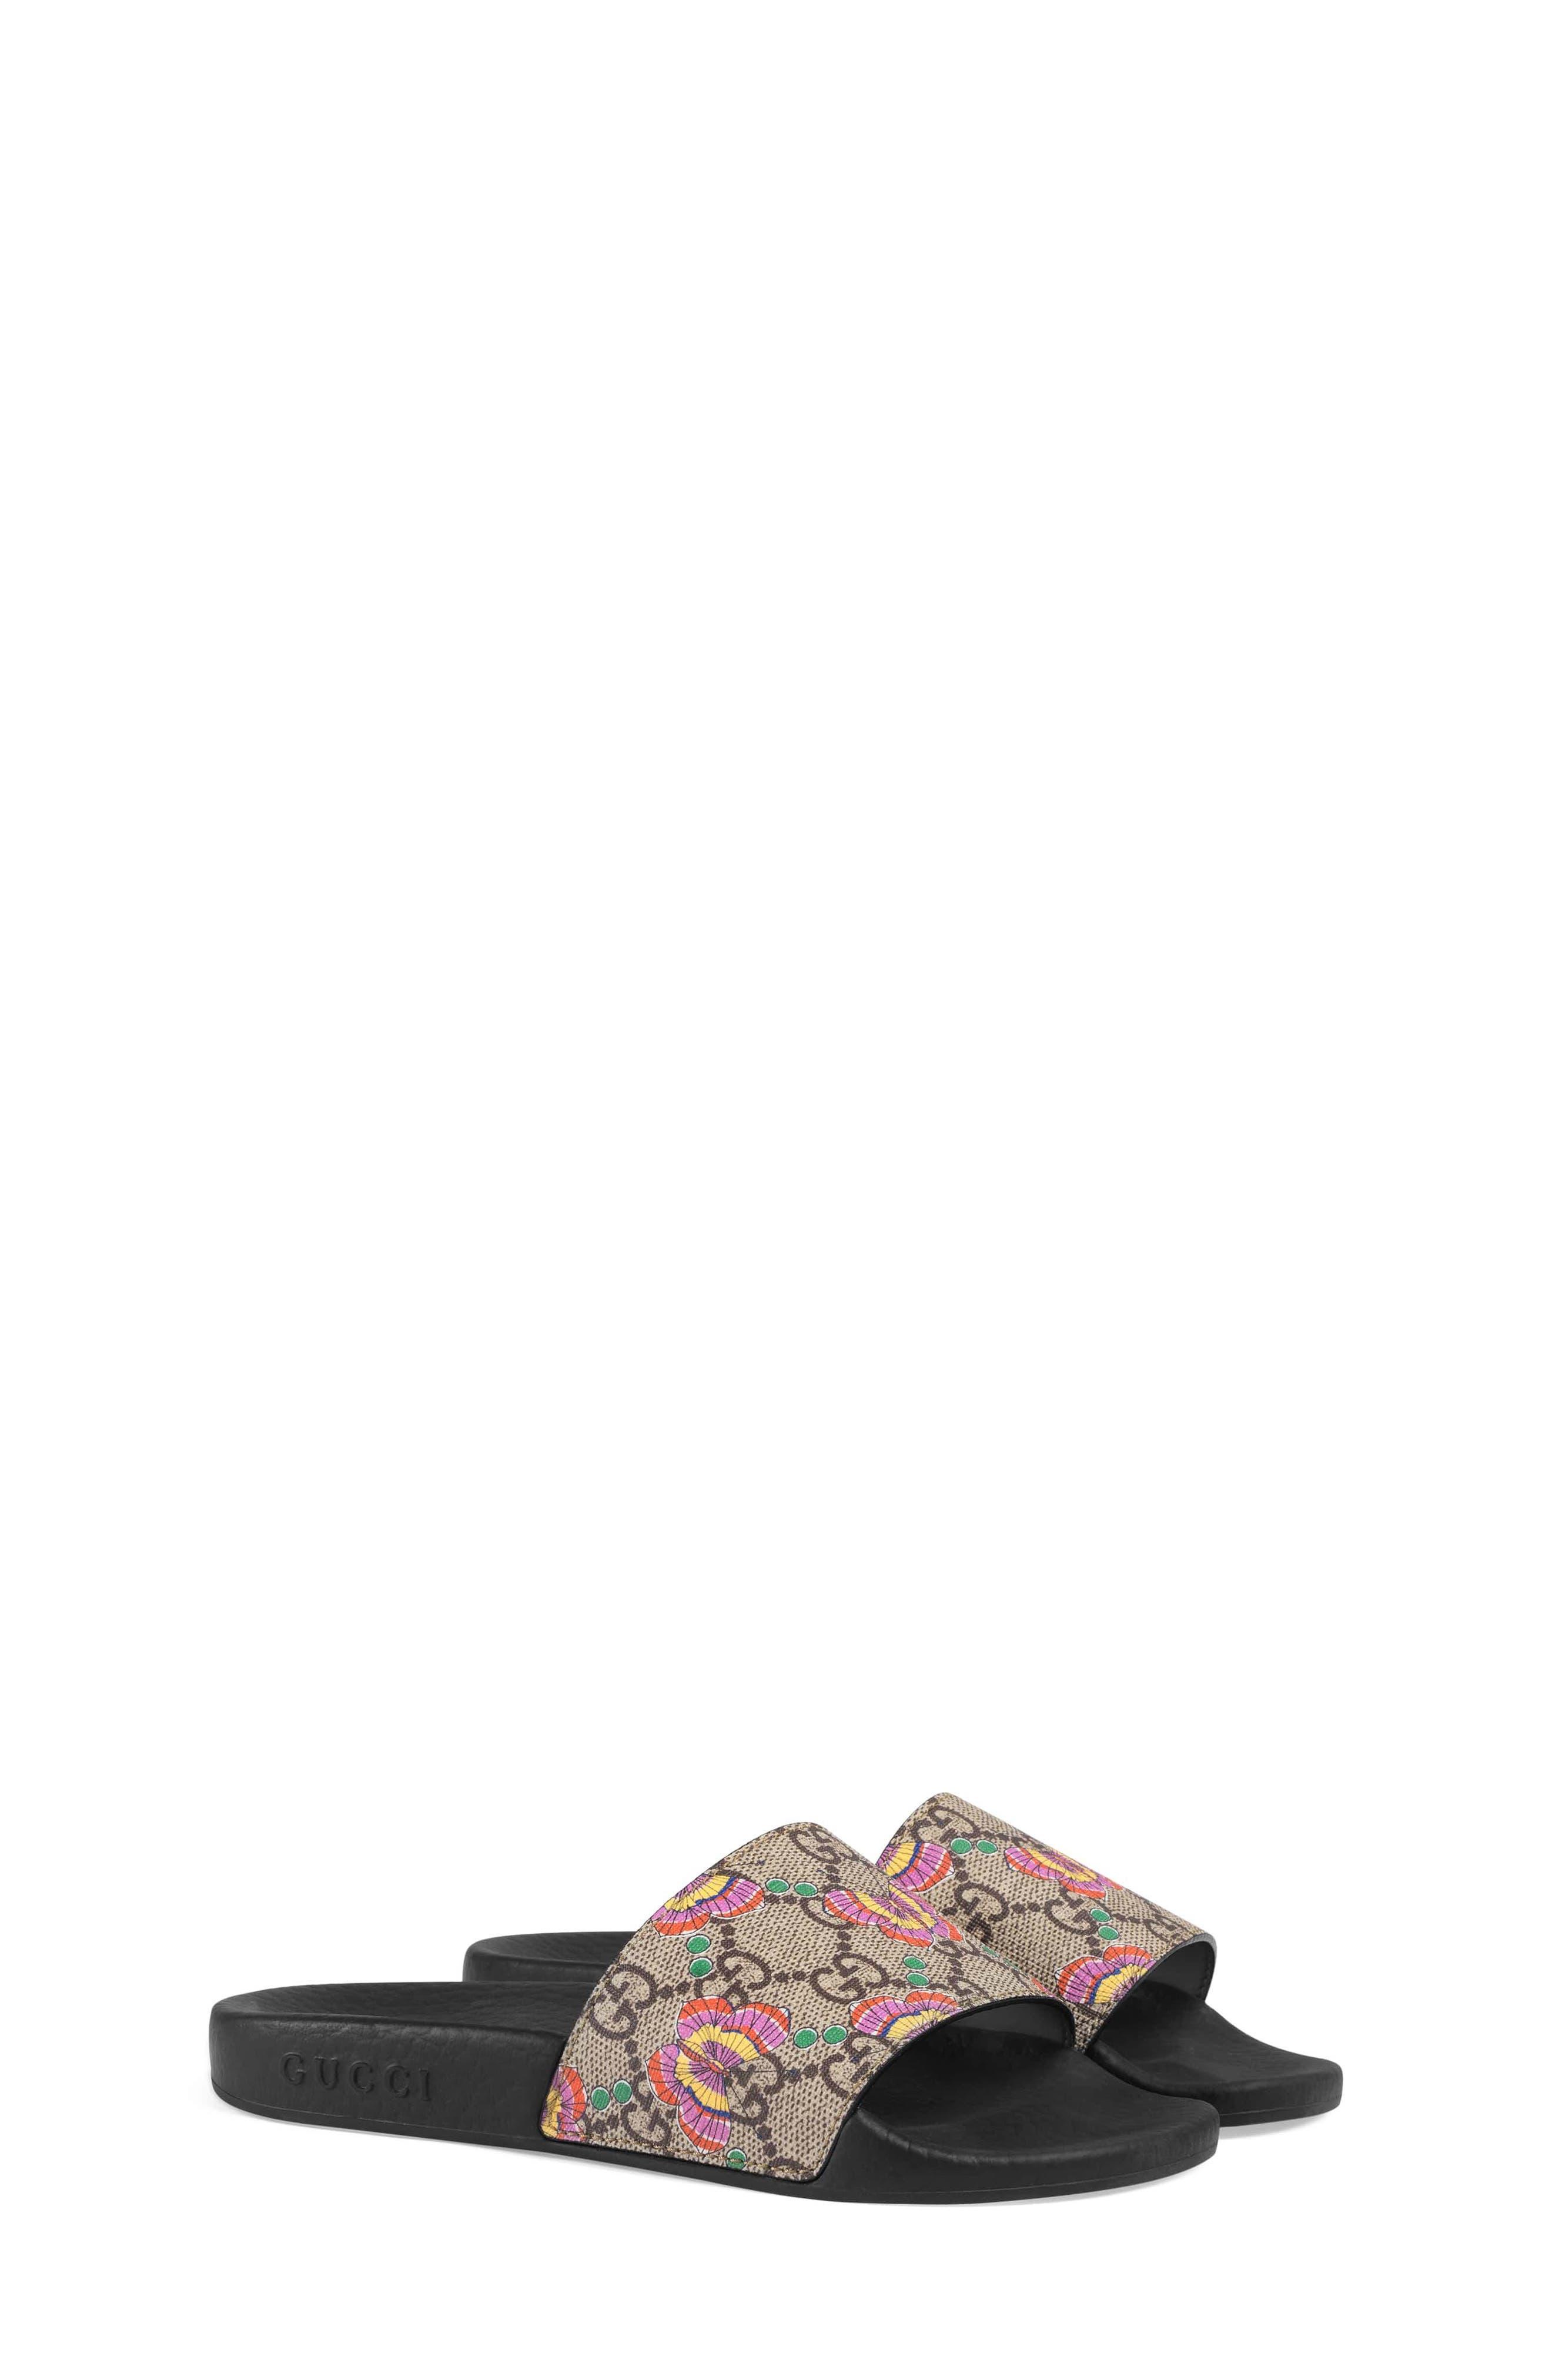 GG Supreme Butterfly Slide Sandal,                         Main,                         color, Beige/ Pink Multi